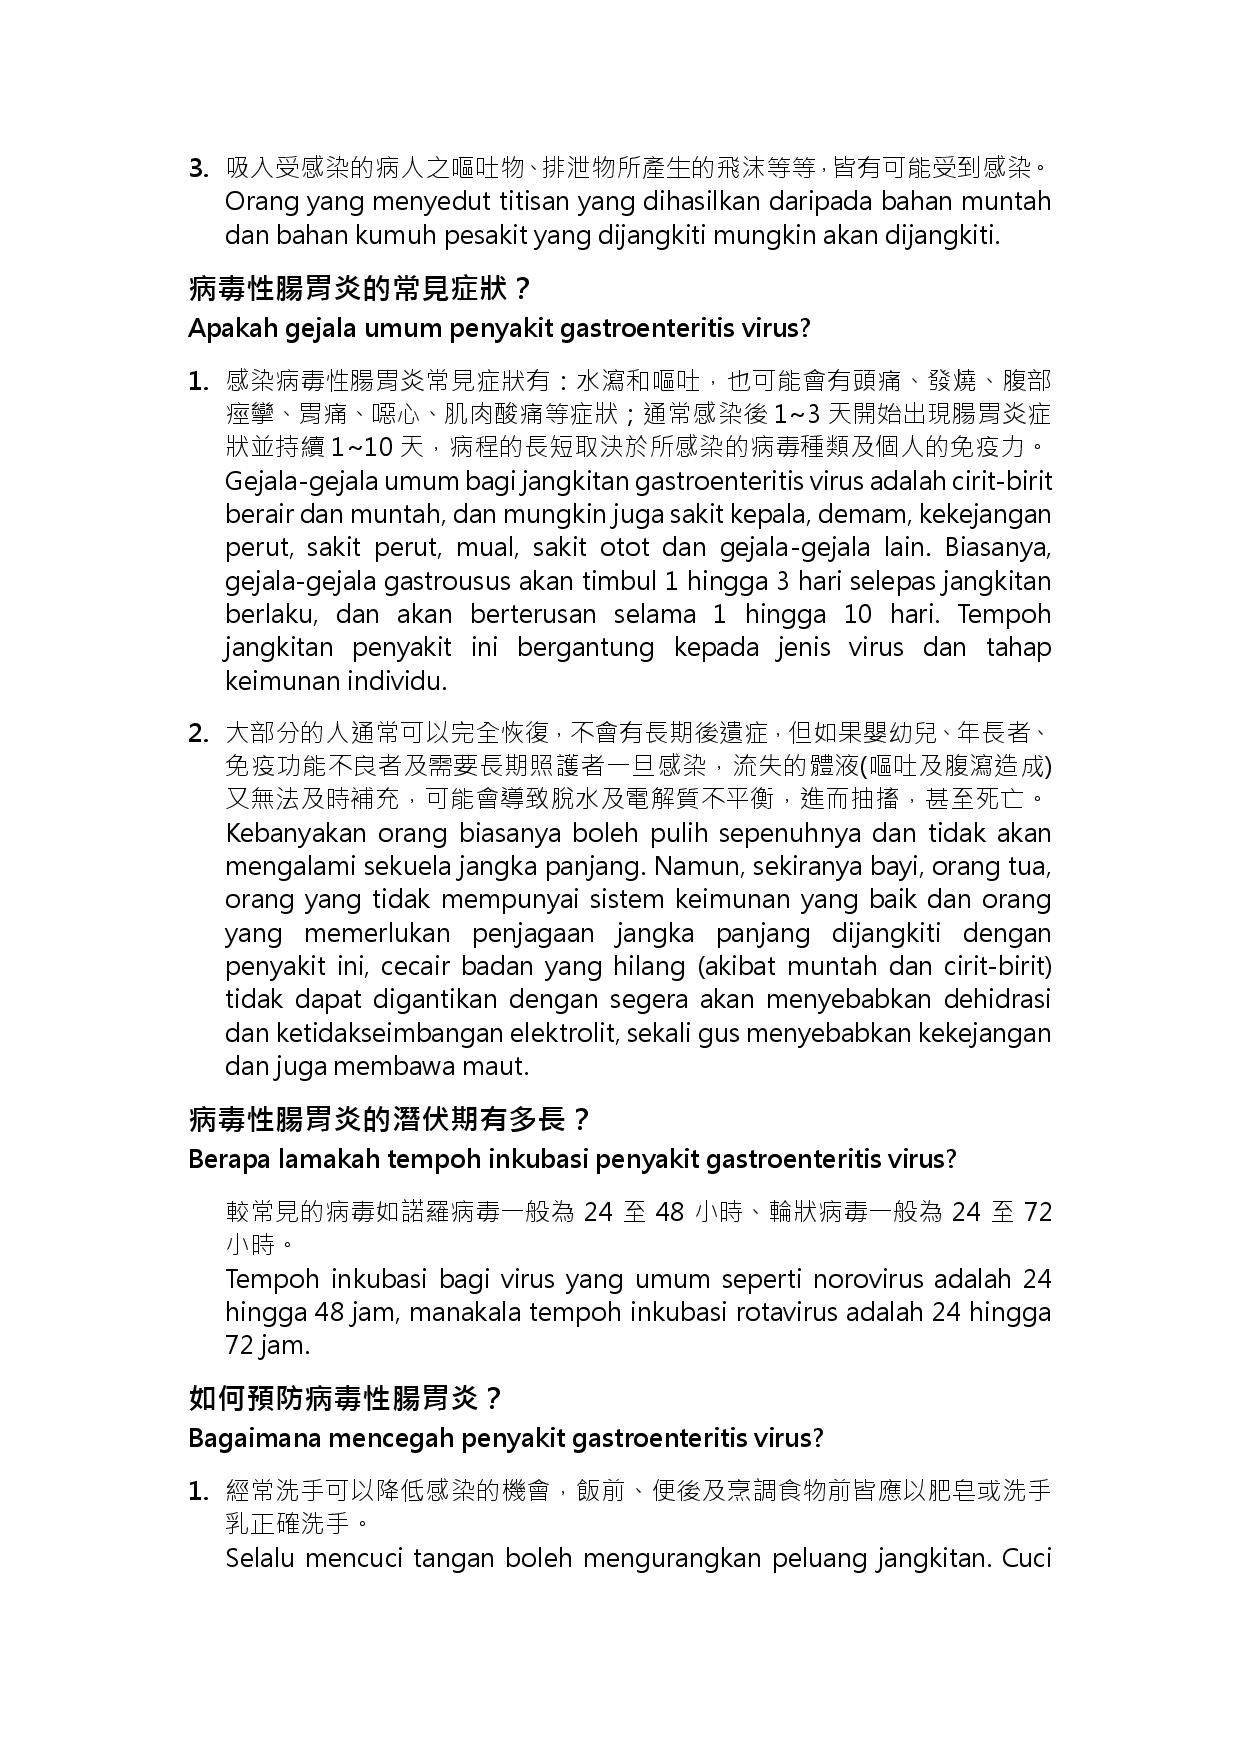 詳如附件【klik saya】Untuk mencegah penyakit gastroenteritis virus(Halaman 2)預防病毒性腸胃炎,勿生飲生食,落實勤洗手的良好衛生習慣(馬來文)